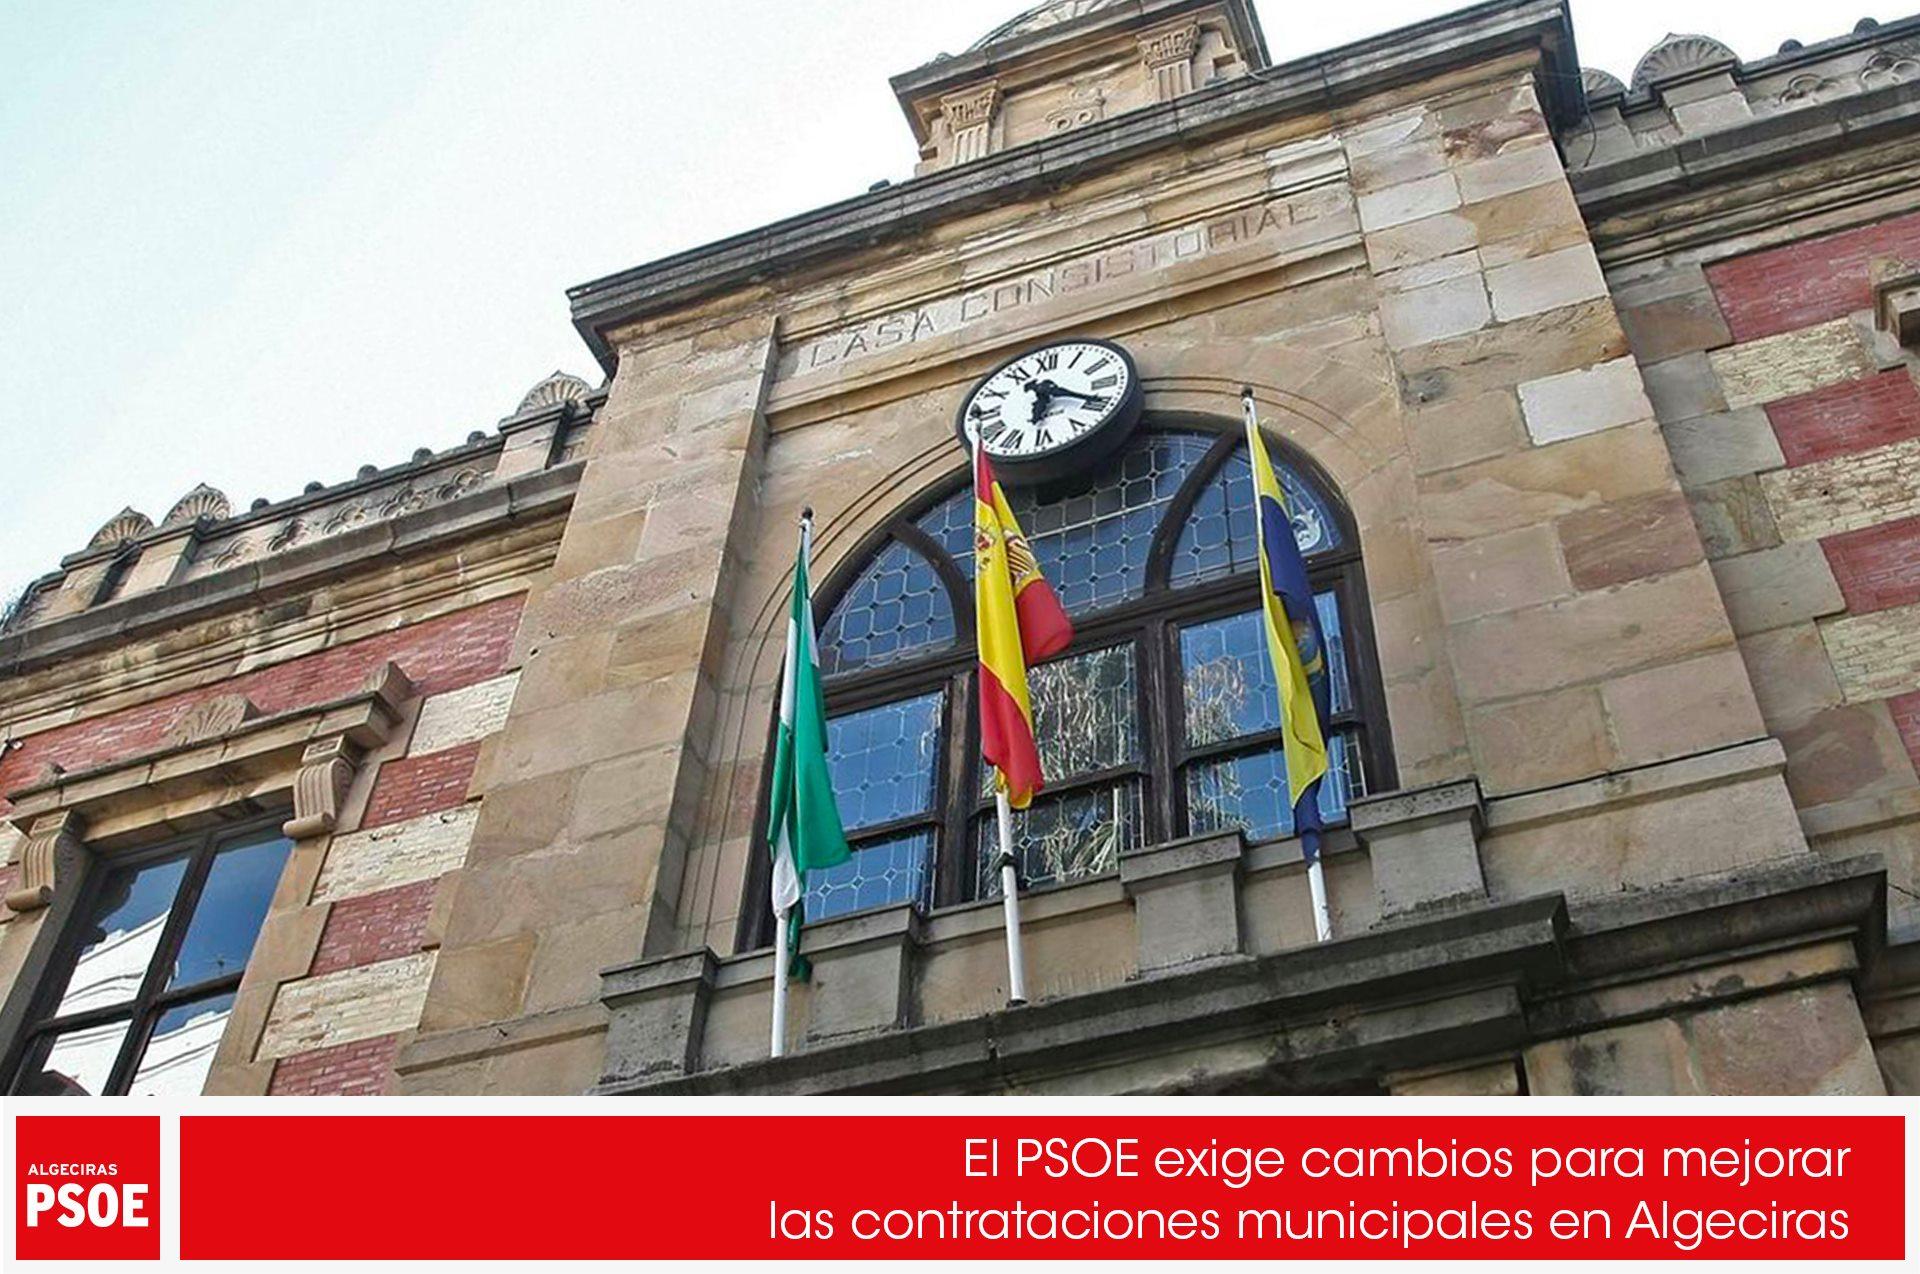 El PSOE exige cambios para mejorar las contrataciones municipales en Algeciras